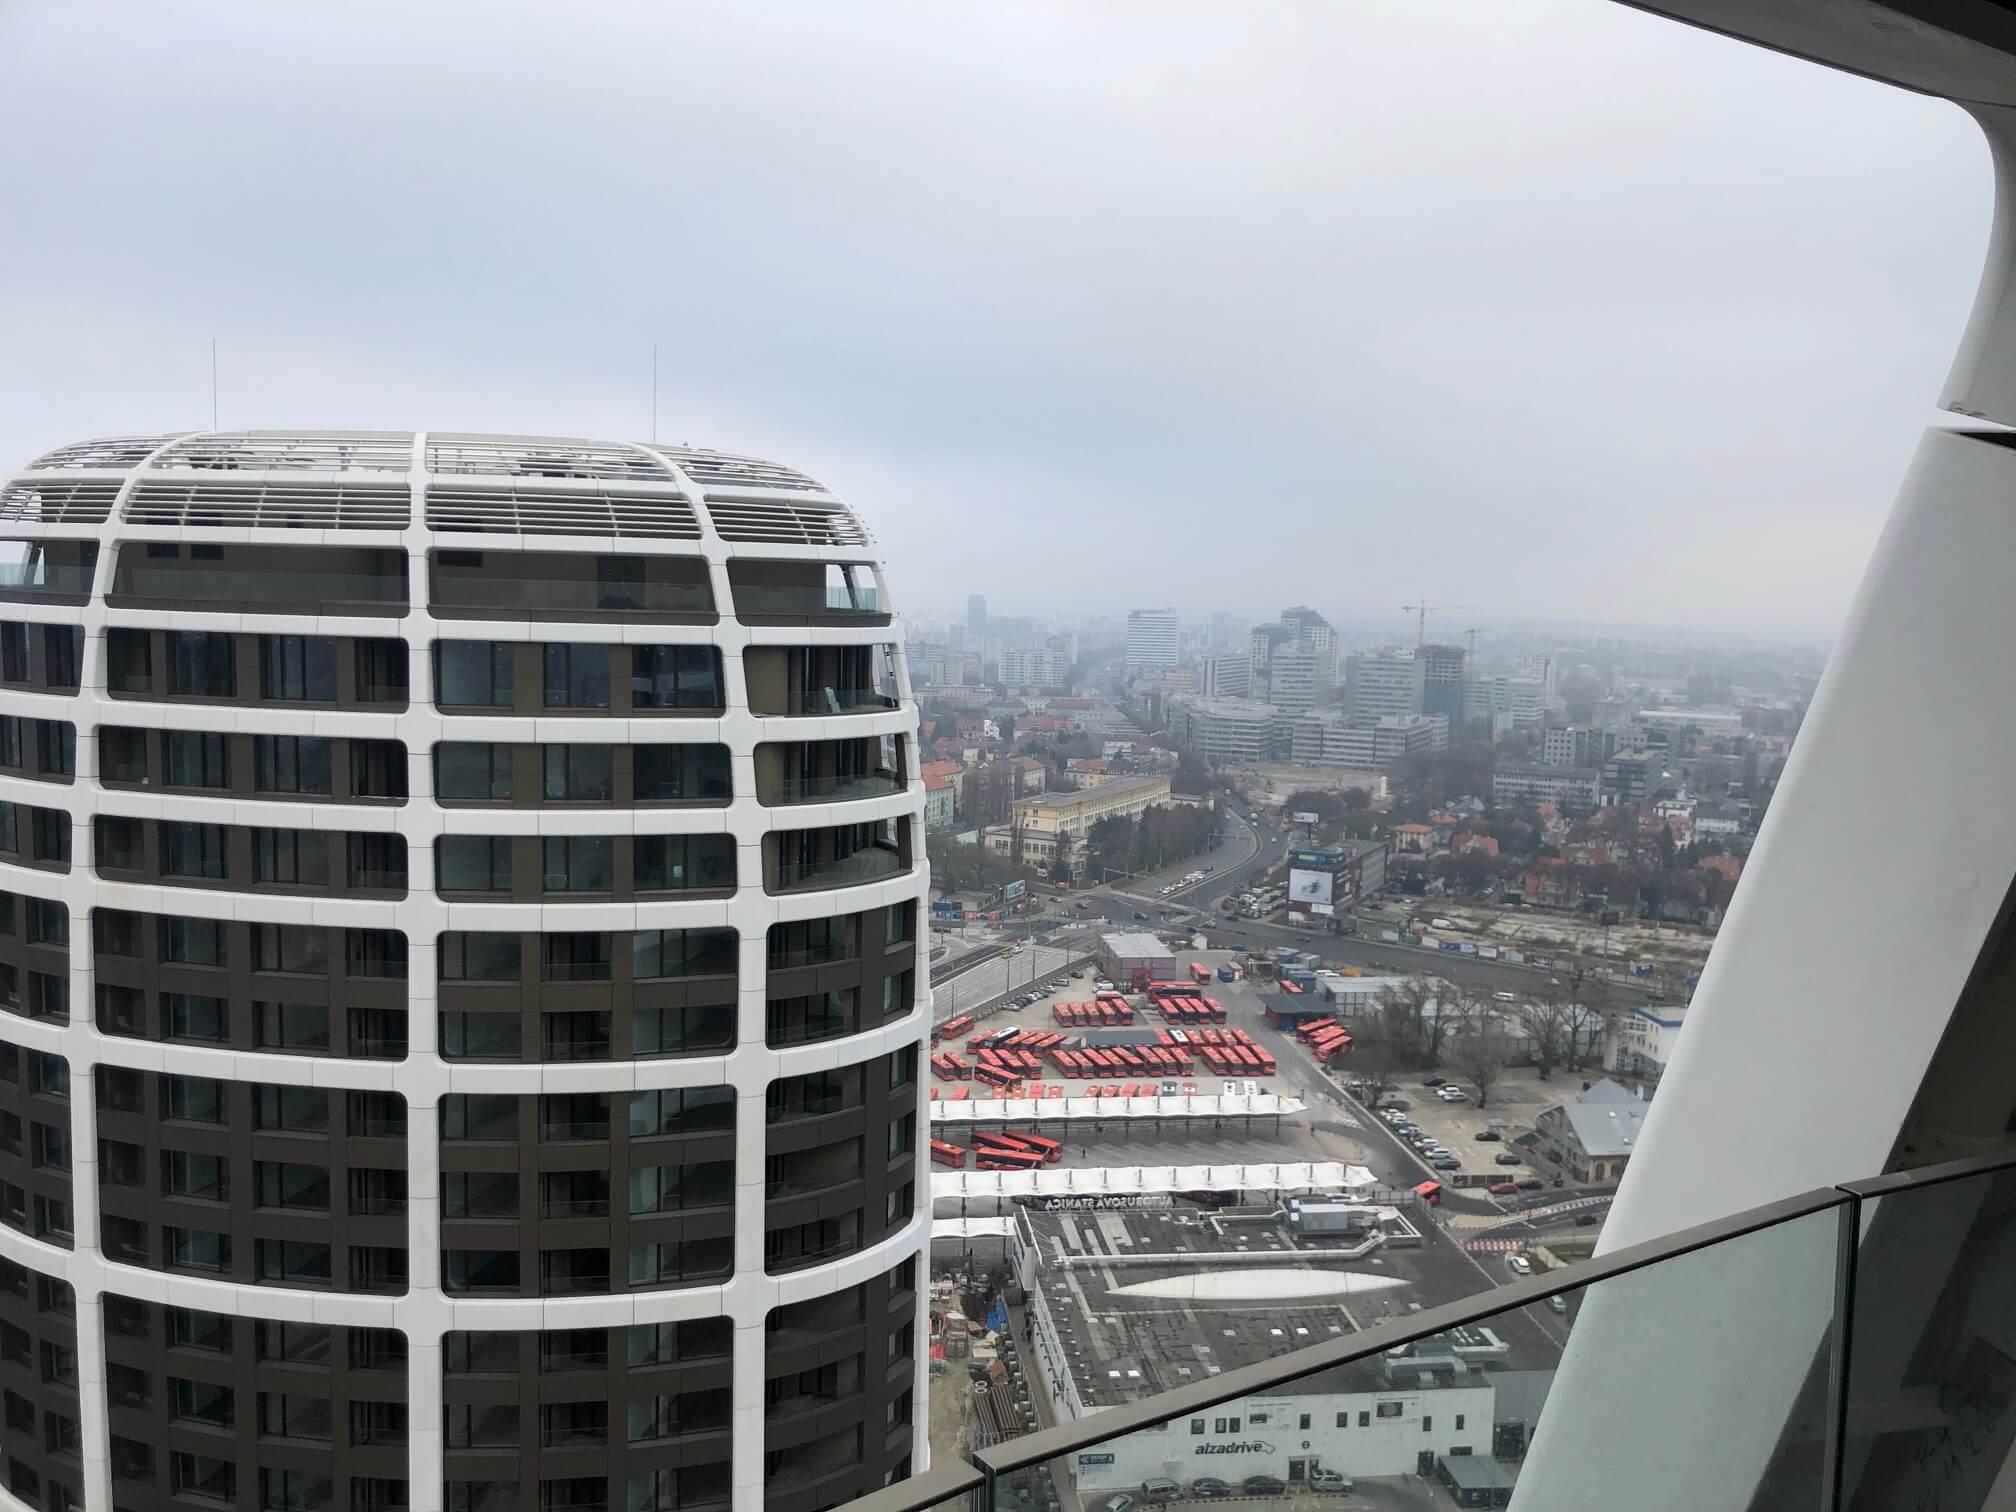 Predané: 2 izbový byt v Sky parku, I Veža, 6 nadzemné podlažie, úžitková 46,28 m2 ,Loggia 4,75m2, parkovanie-3